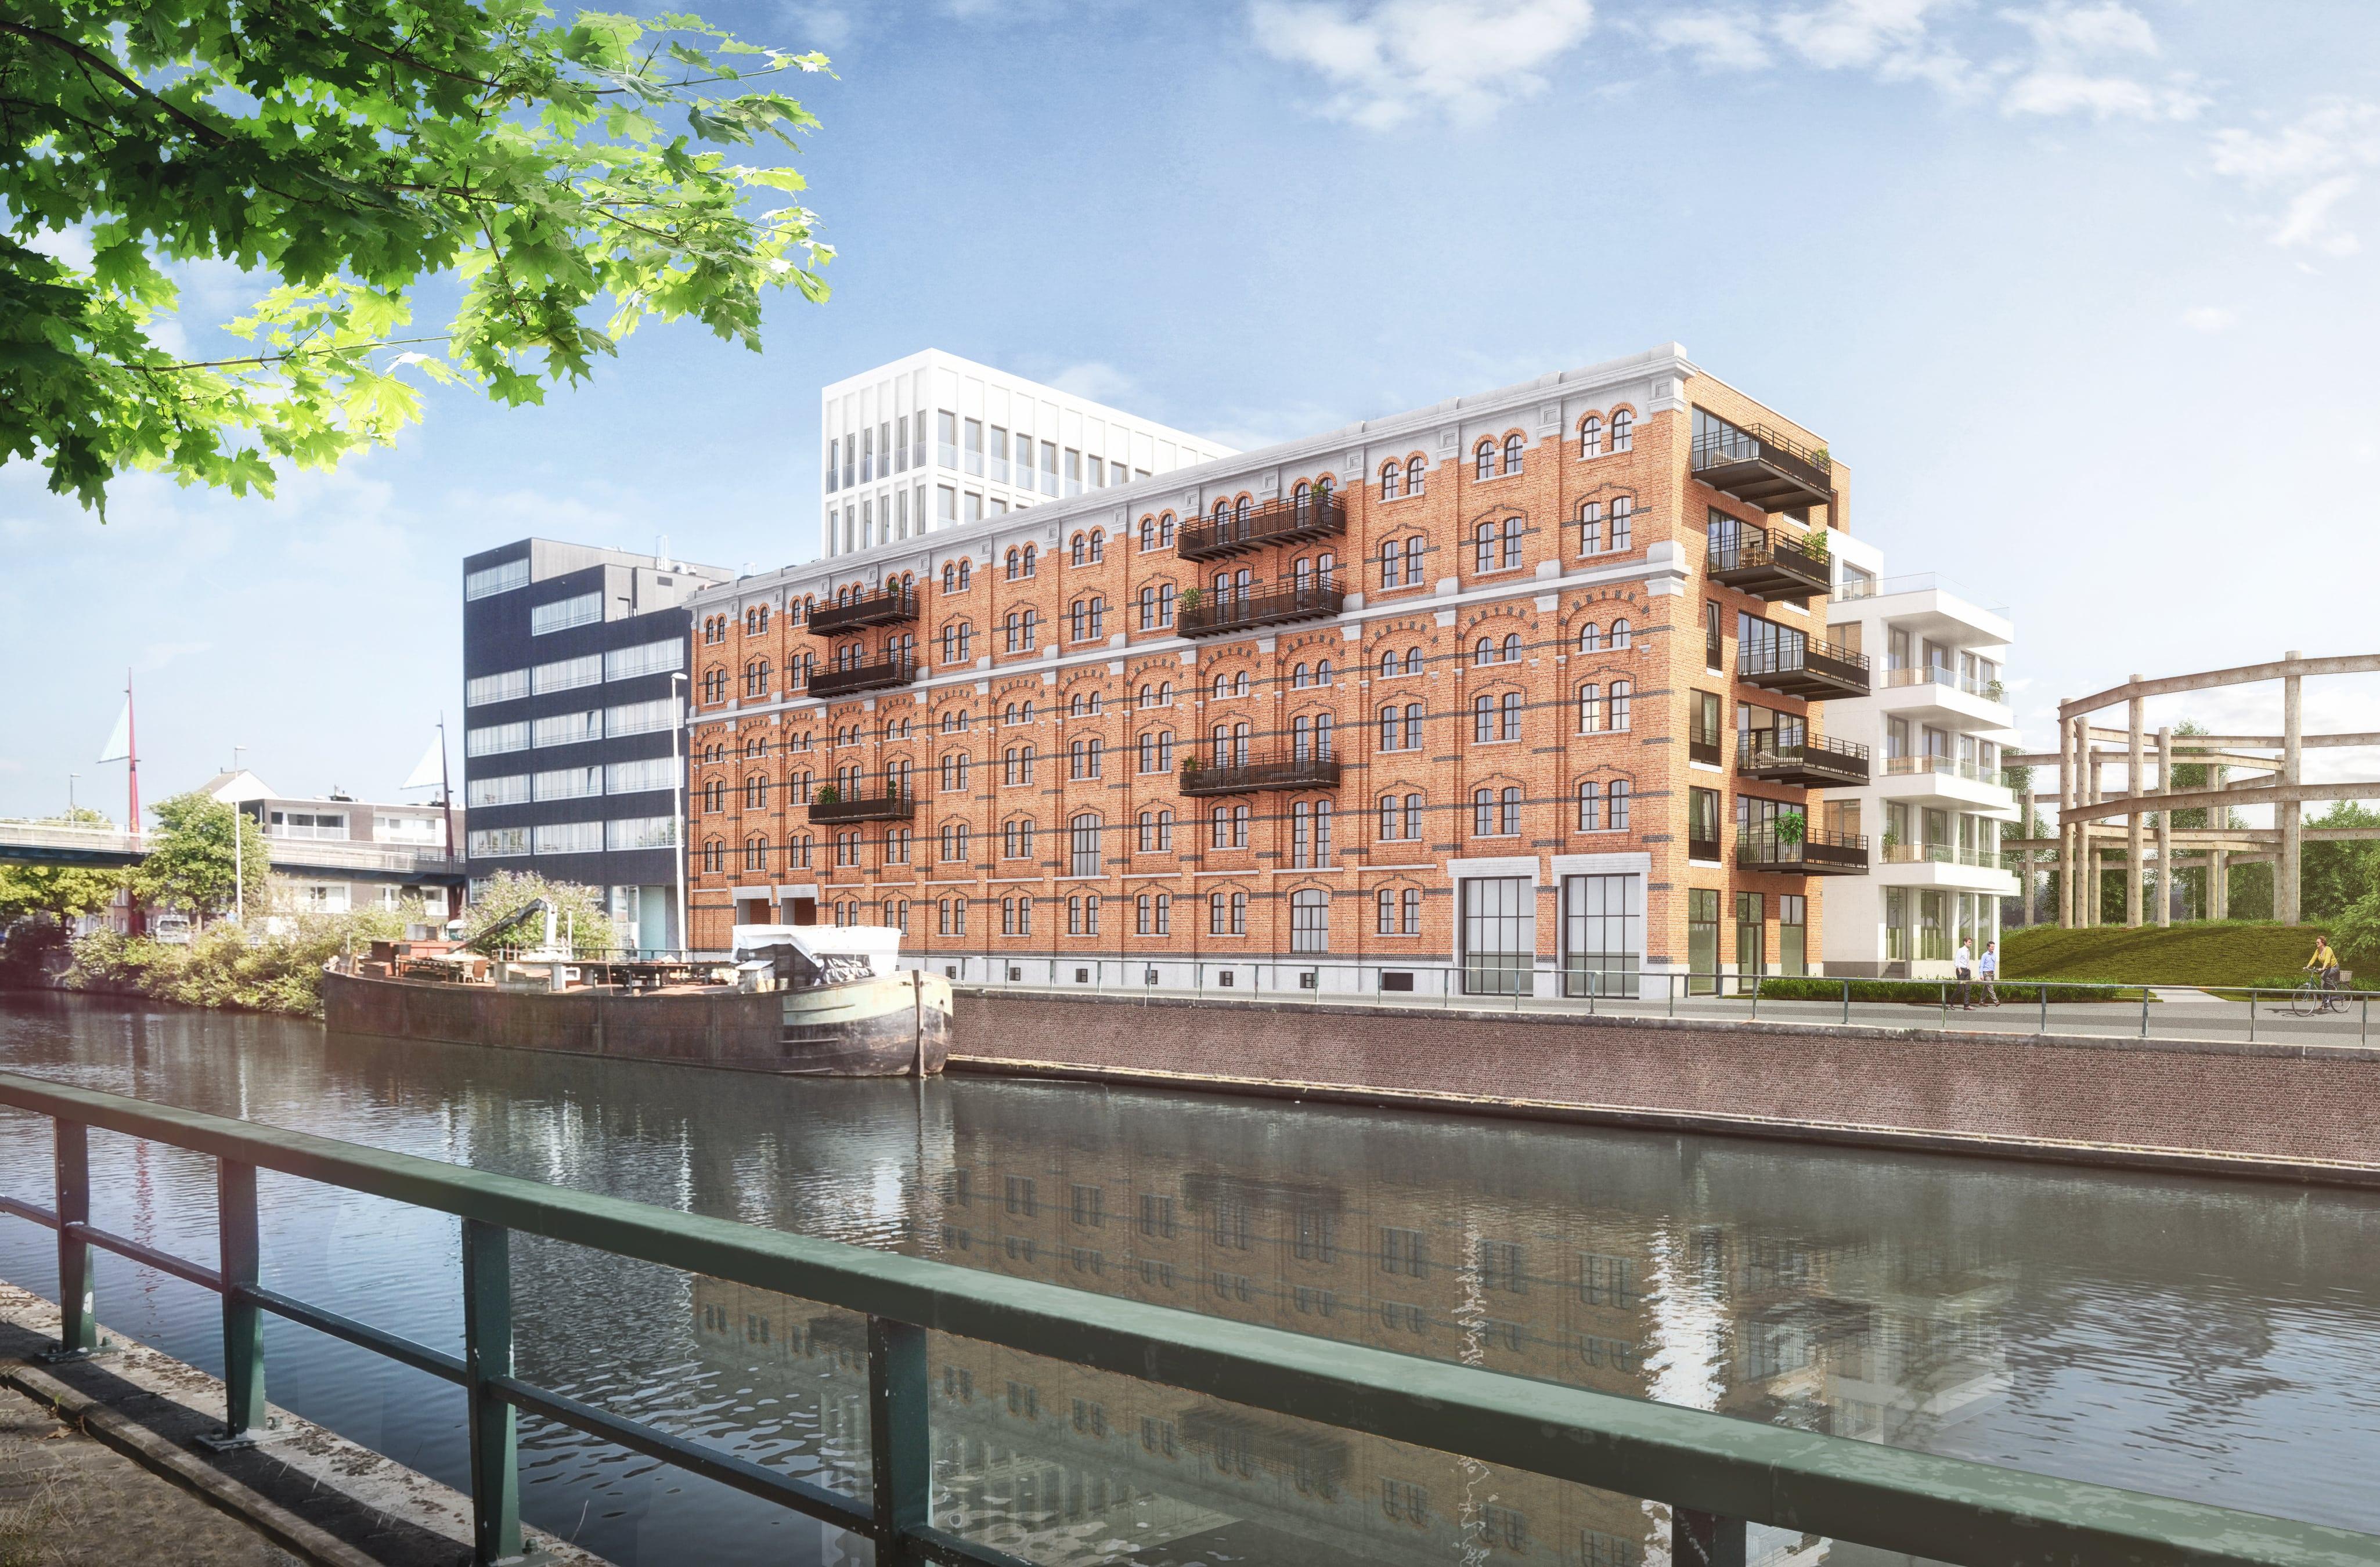 Simulatie gebouw Nieuwe Molens Gent in het Tondelier-park in Gent, een nieuw en groen stadsdeel in wording waarvoor Het Schrijfhok een intensieve contentmarketingstrategie creëerde en uitrolt sinds 2017